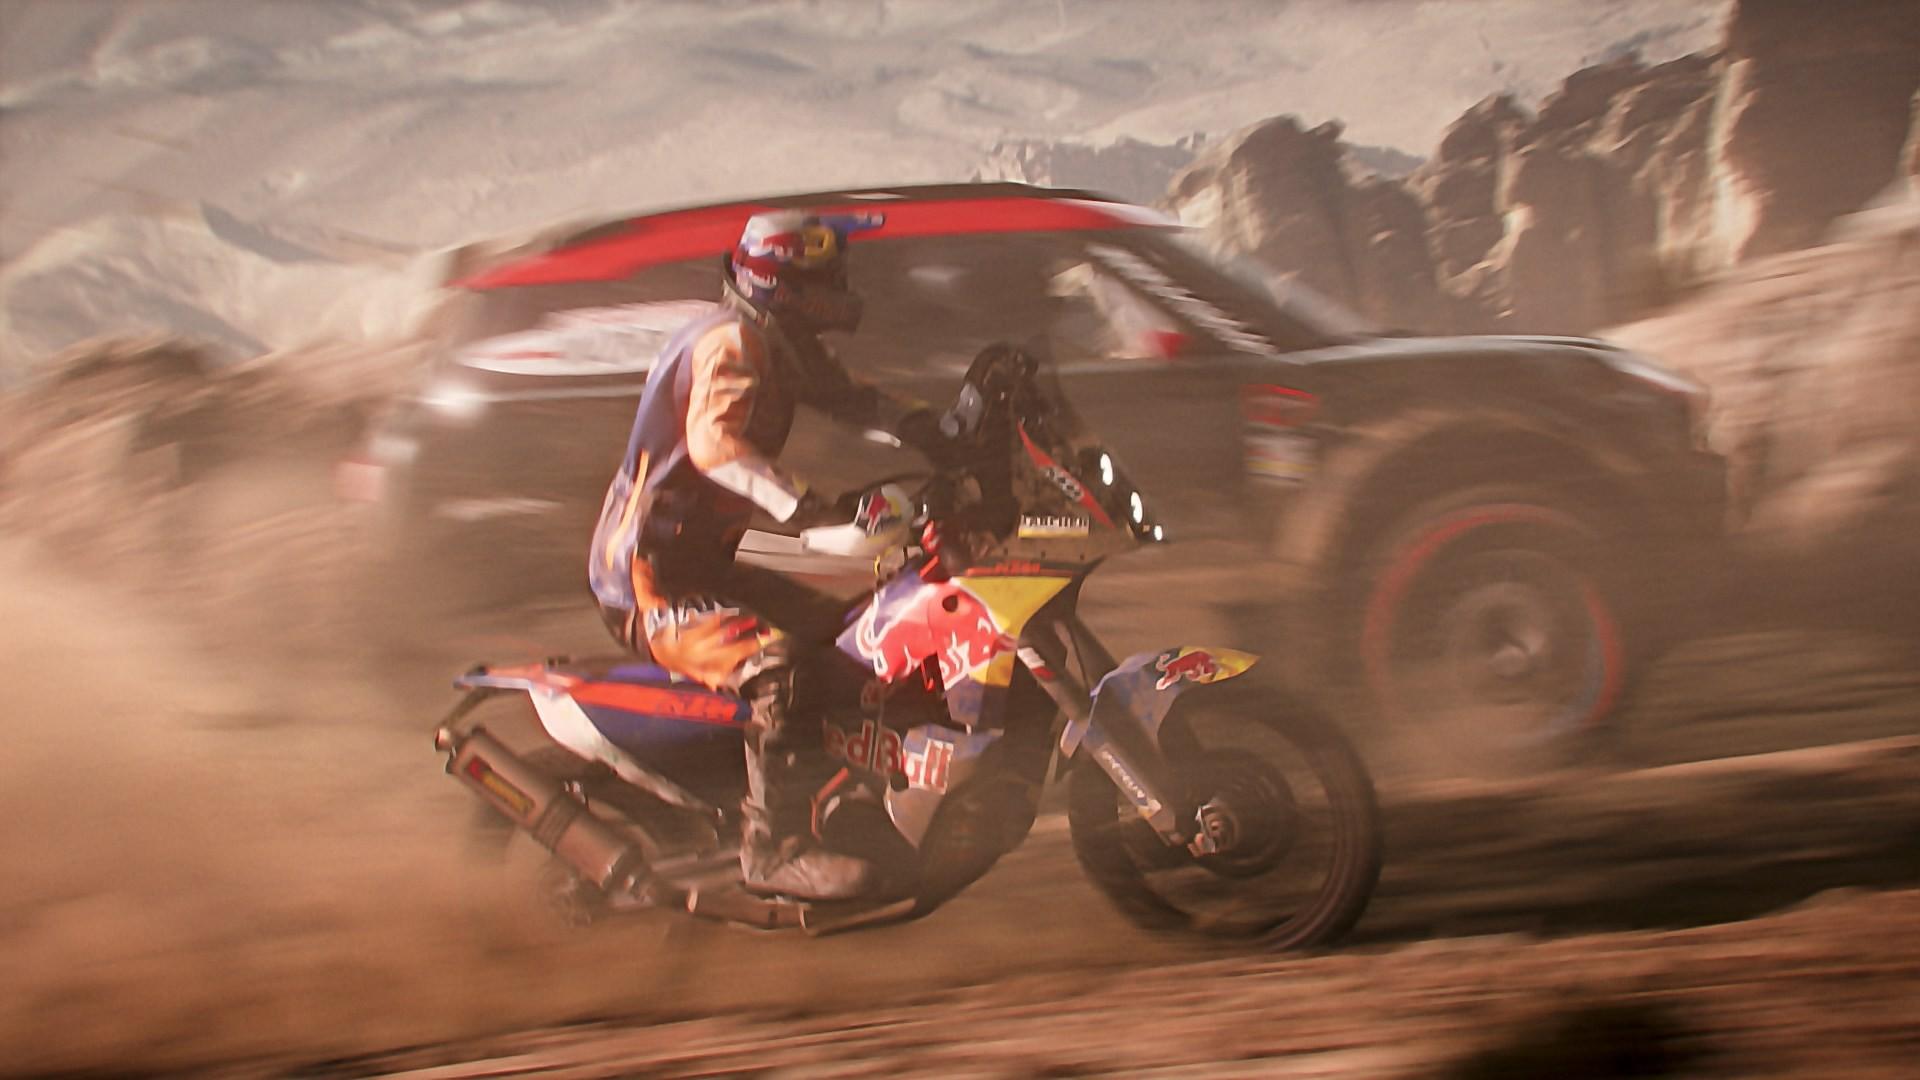 Dakar 18 - Cuộc đua khốc liệt nhất lịch sử nhân loại lên game, bản đồ rộng gấp... 120 lần GTA V!